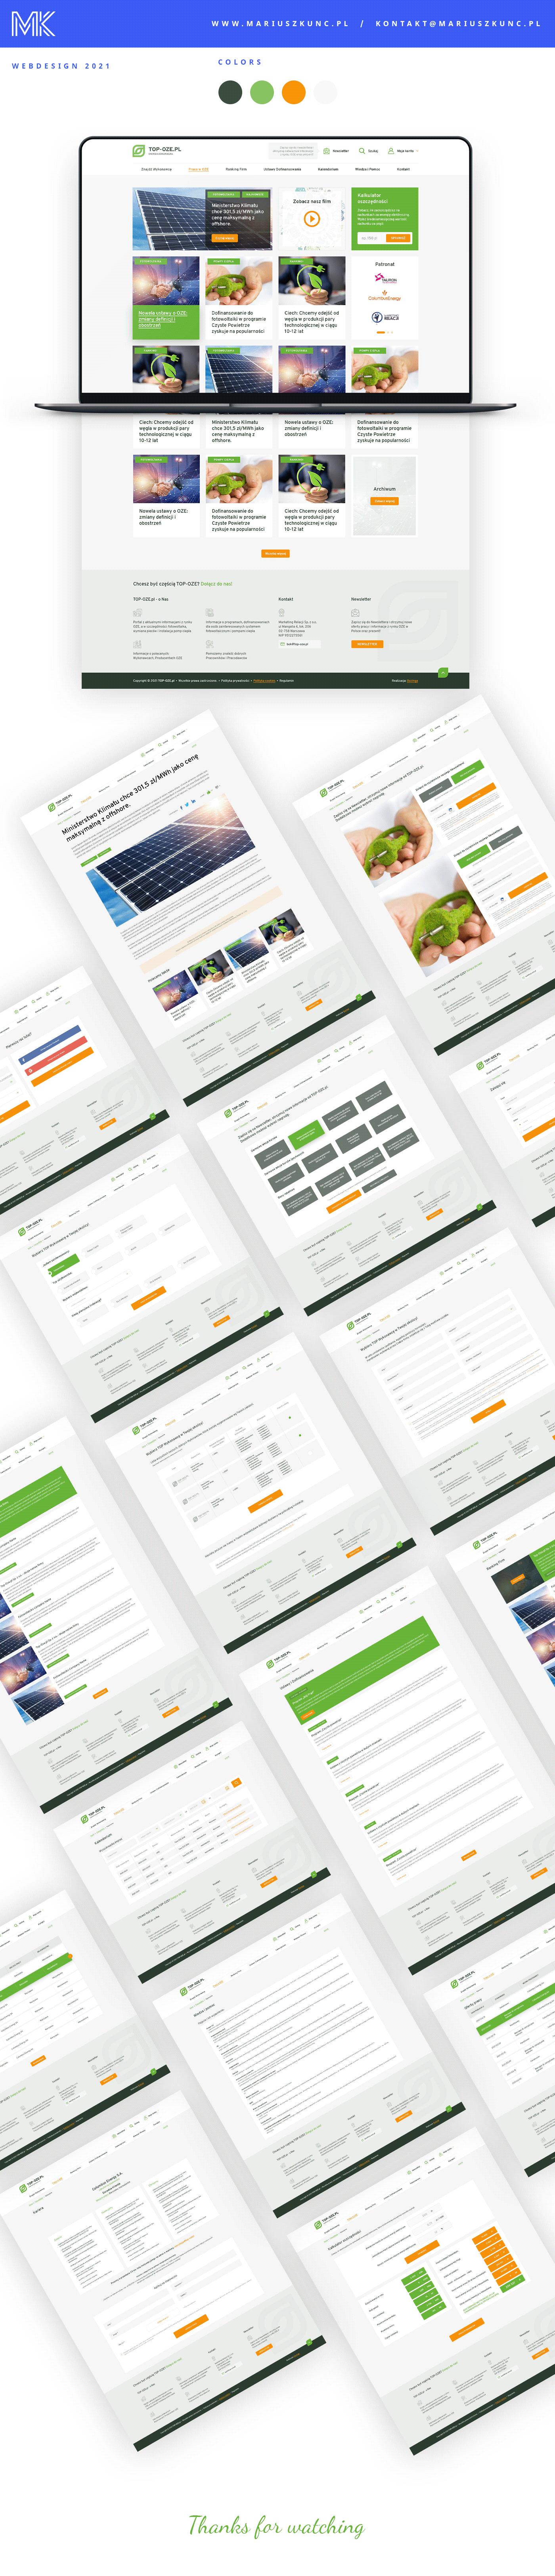 design energia fotowoltaika portal UI uidesign uiux ux Webdesign Website